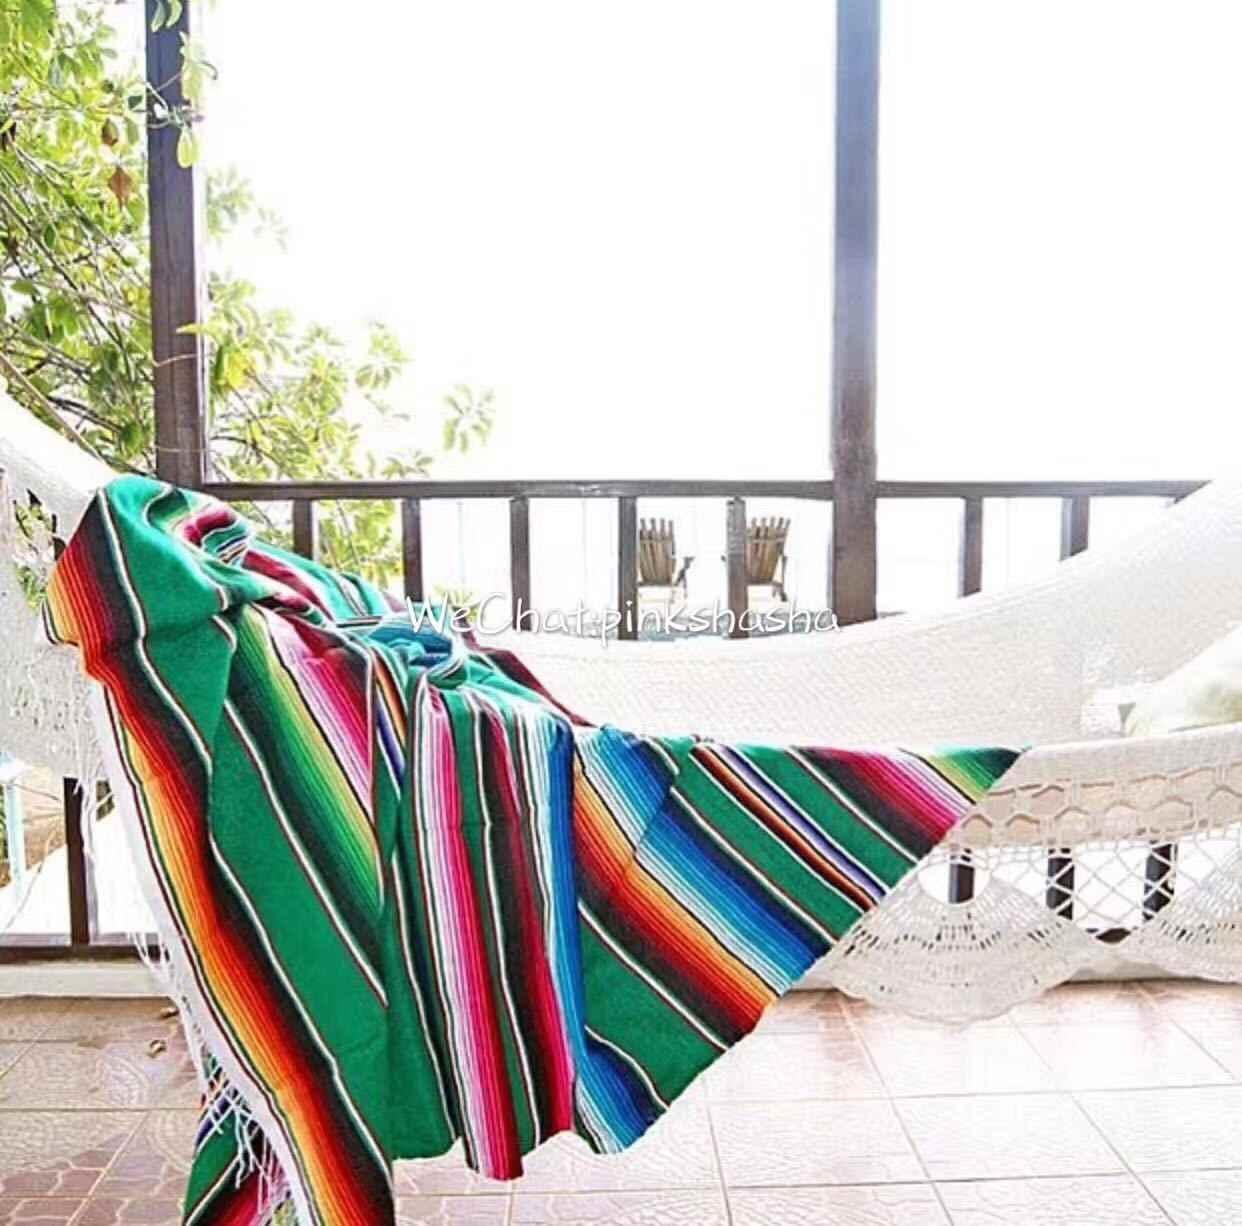 Tapisserie suspendue de Style mexicain | Couverture rayée en Ranbow, tapisserie de canapé Cobertor en coton pur, pour canapé-lit voyage en avion avec pompon